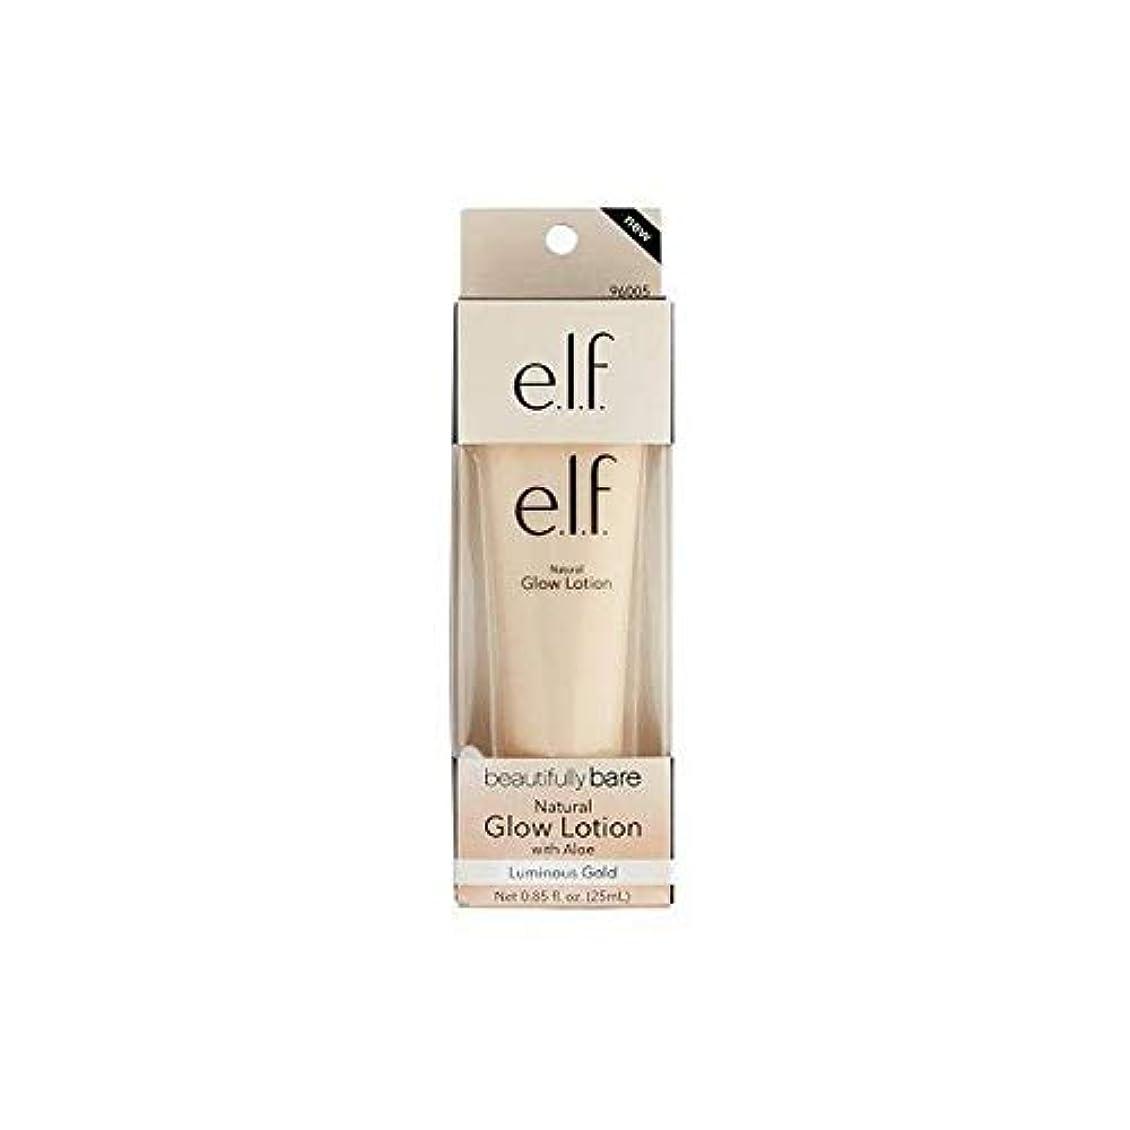 何もない予定外観[Elf ] エルフ。美しく裸自然グローローション金 - e.l.f. Beautifully Bare Natural Glow Lotion gold [並行輸入品]